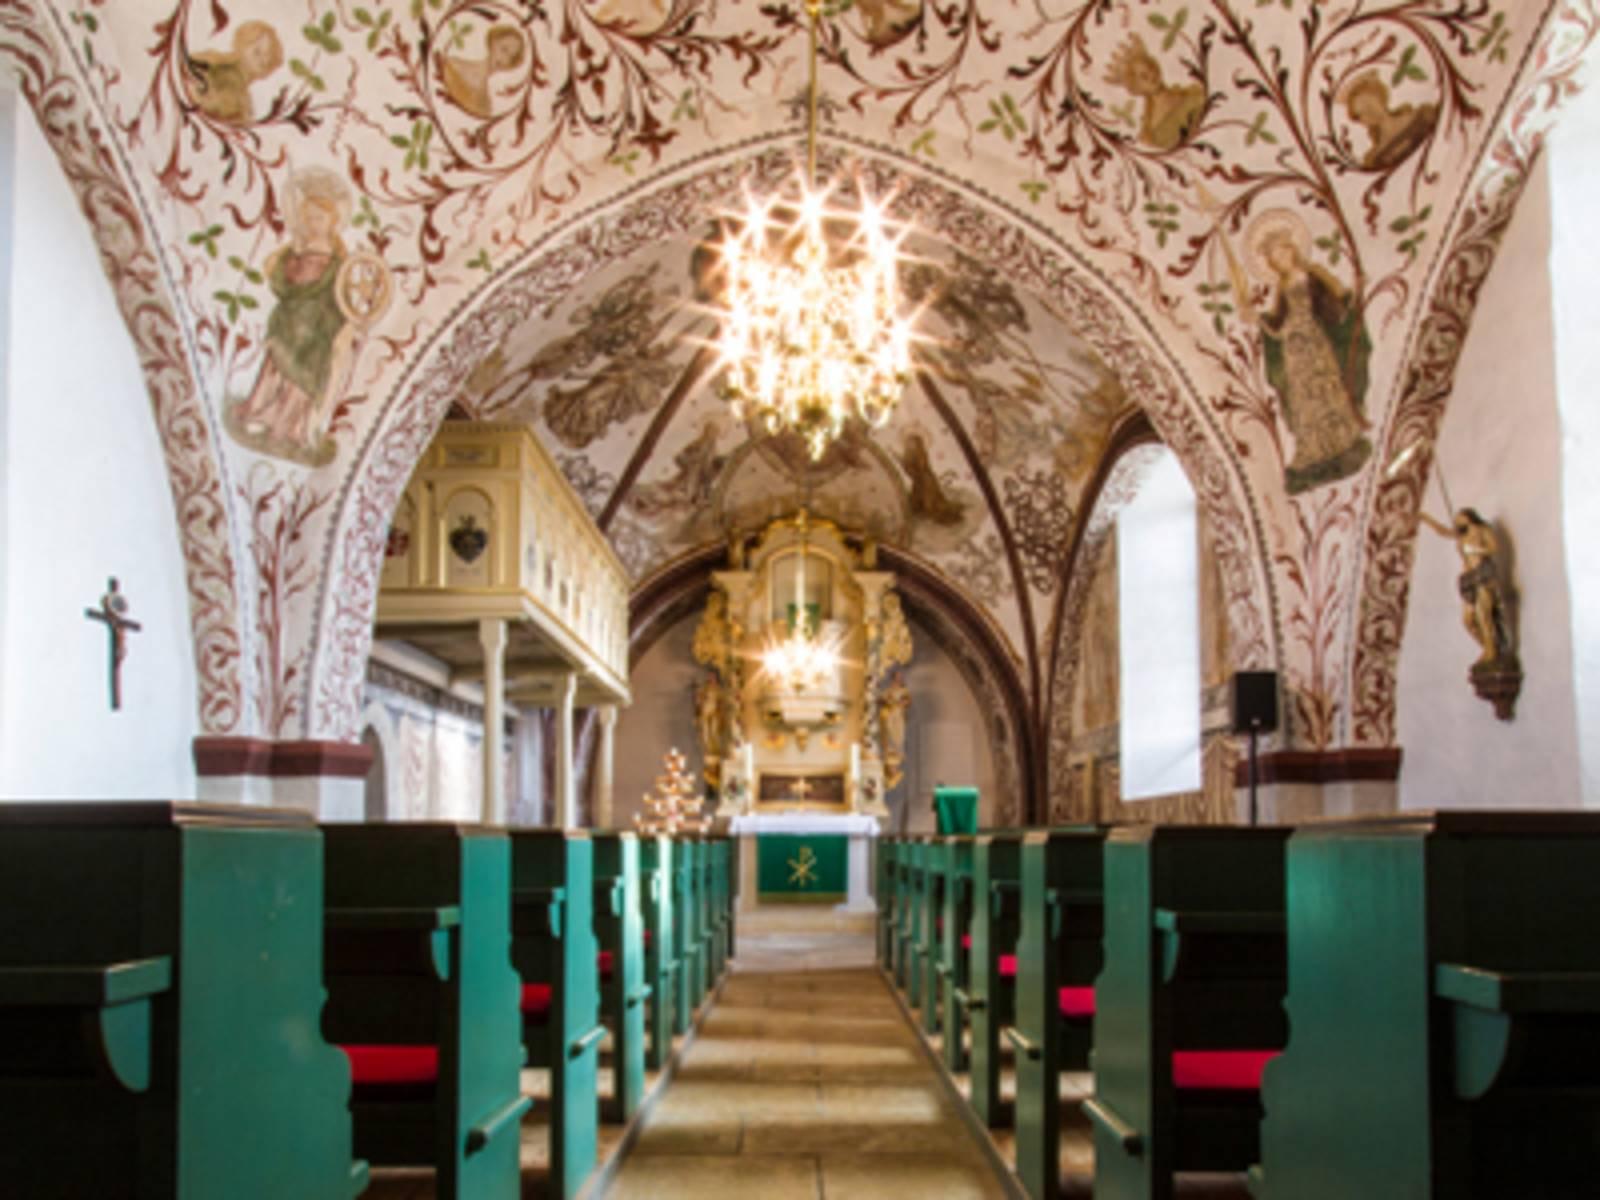 Sankt Agatha Kirche im Ortsteil Leveste der Stadt Gehrden